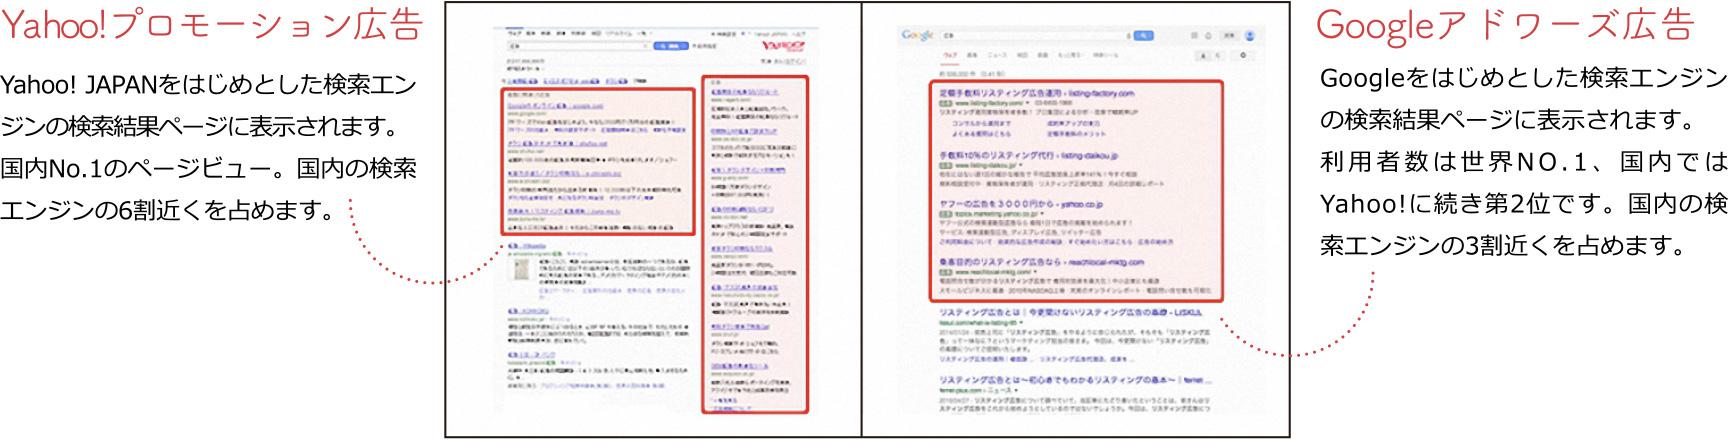 Yahoo!プロモーション広告 Yahoo! JAPANをはじめとした検索エンジンの検索結果ページに表示されます。 国内No.1のページビュー。国内の検索エンジンの6割近くを占めます。Googleアドワーズ広告 Googleをはじめとした検索エンジンの検索結果ページに表示されます。 利用者数は世界NO.1、国内ではYahoo!に続き第2位です。国内の検索エンジンの3割近くを占めます。